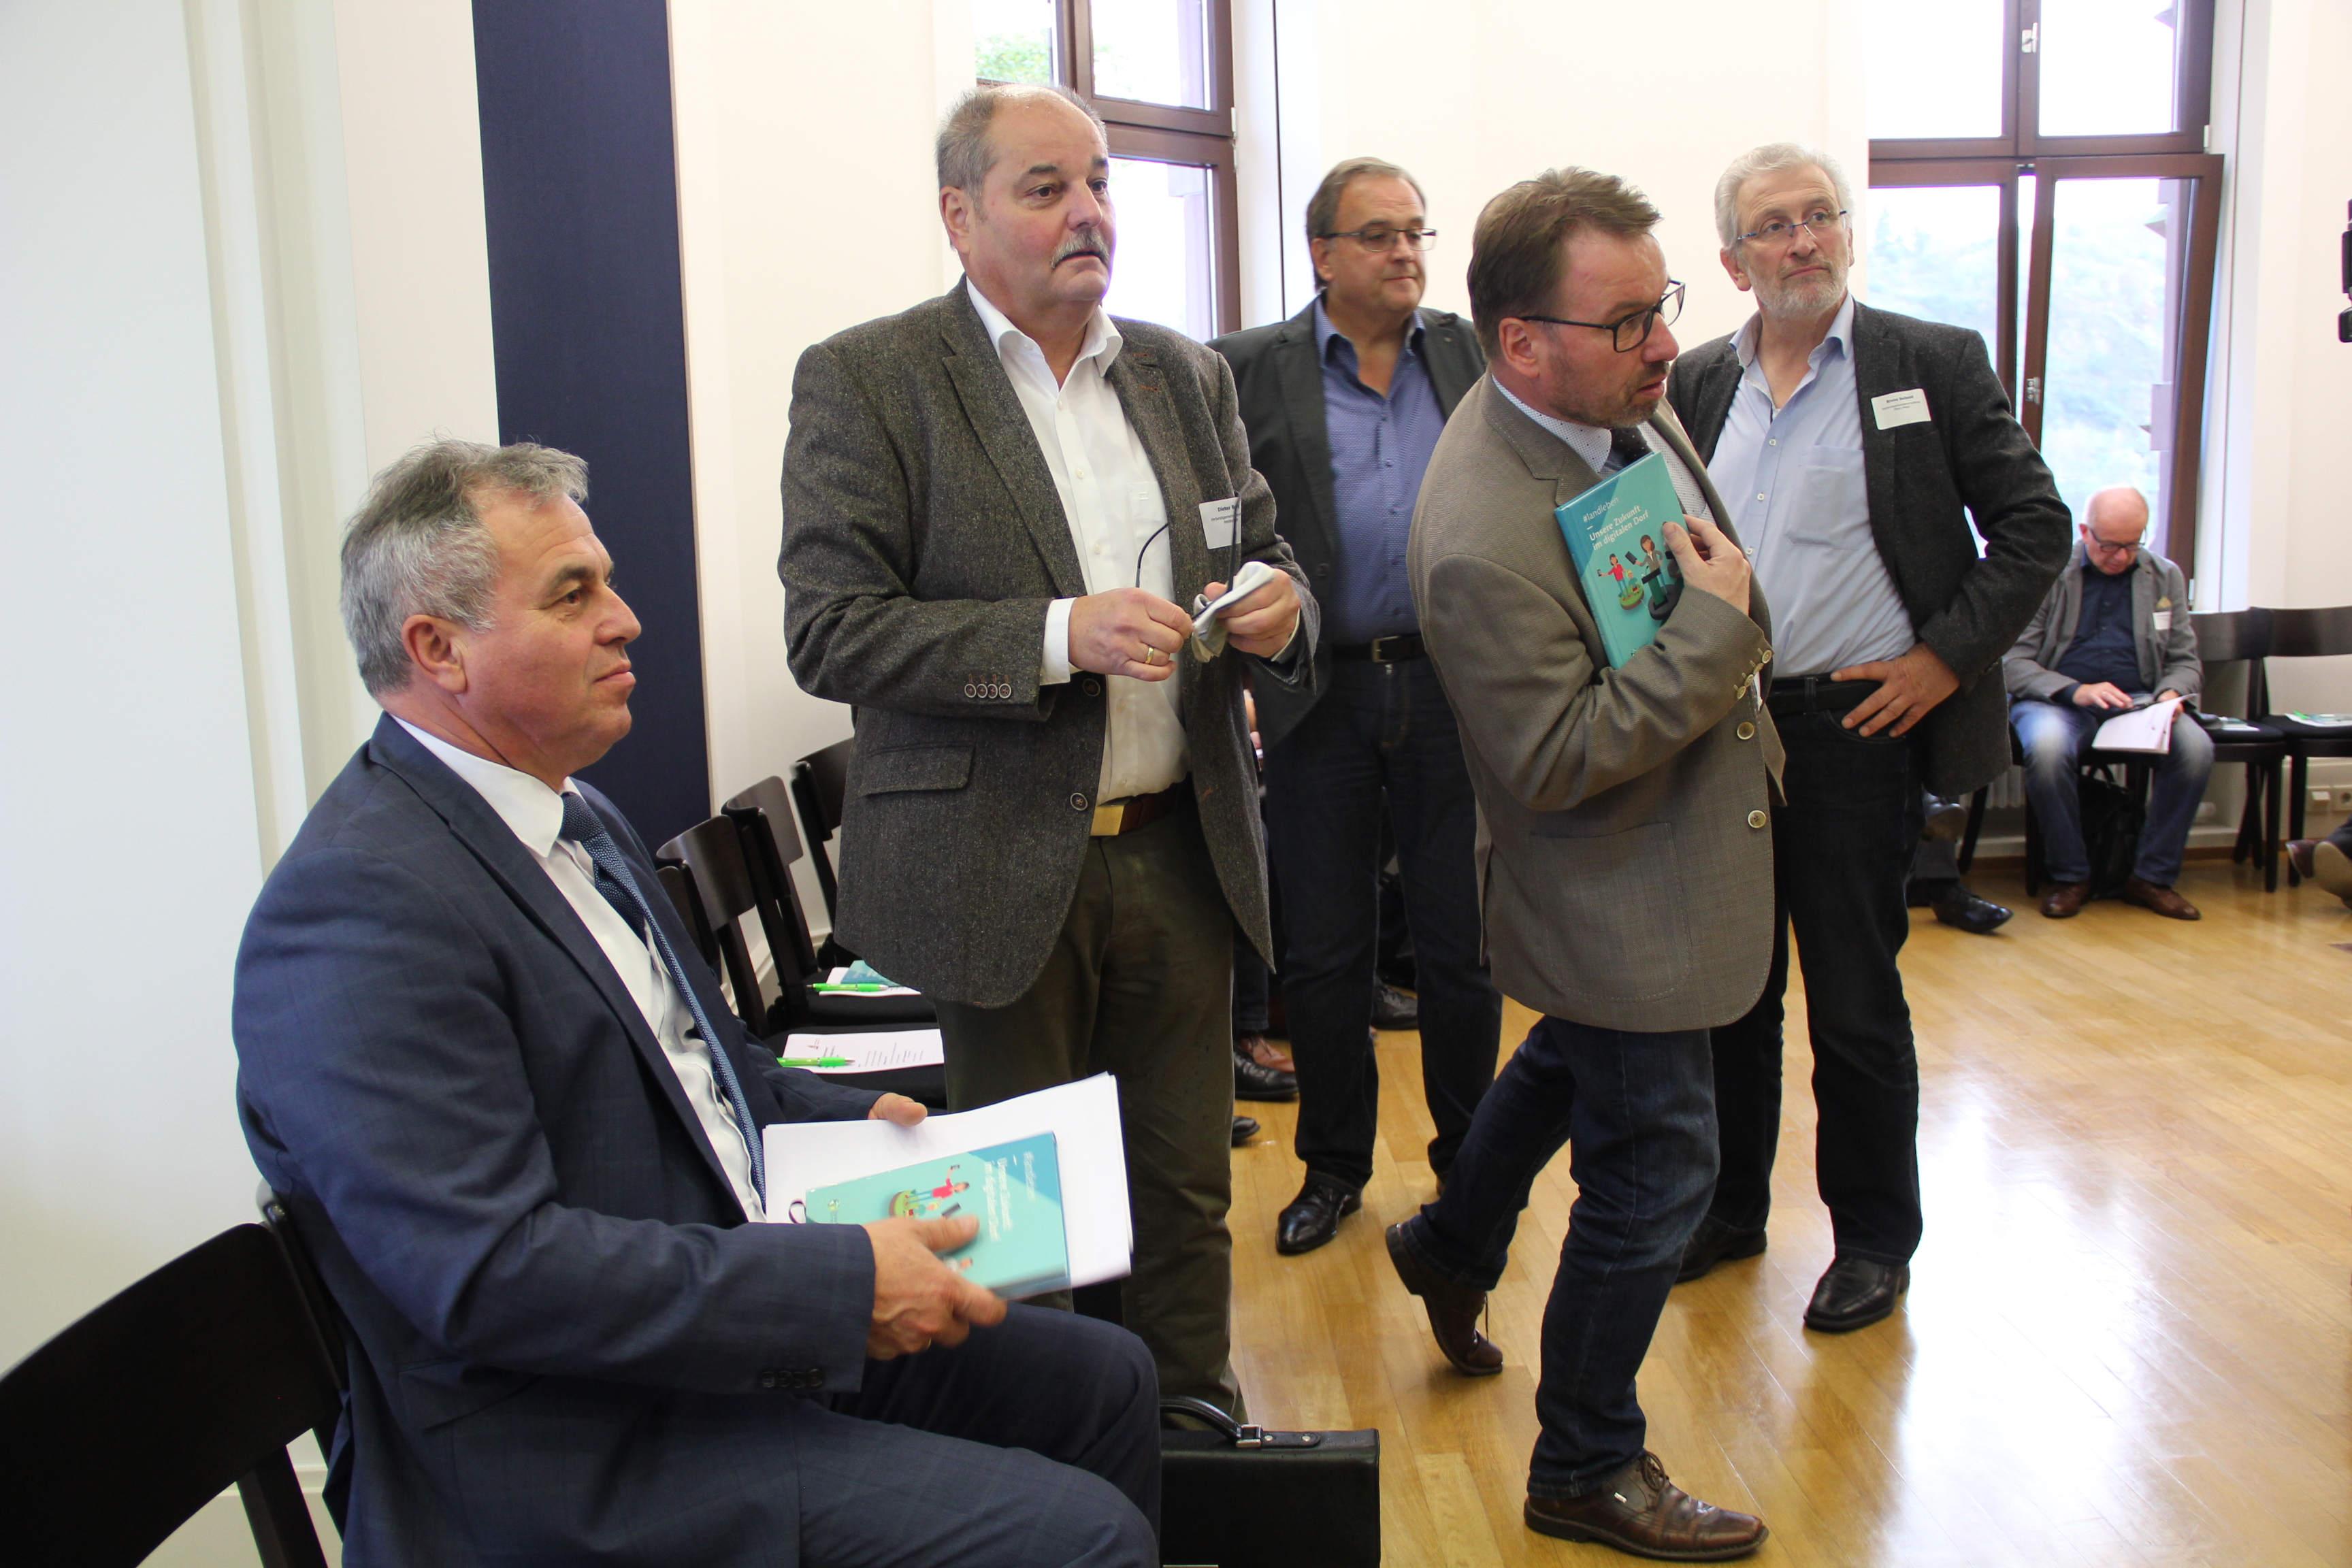 Bürgermeister auf dem Weg zu ihrer Digitalen Kommune